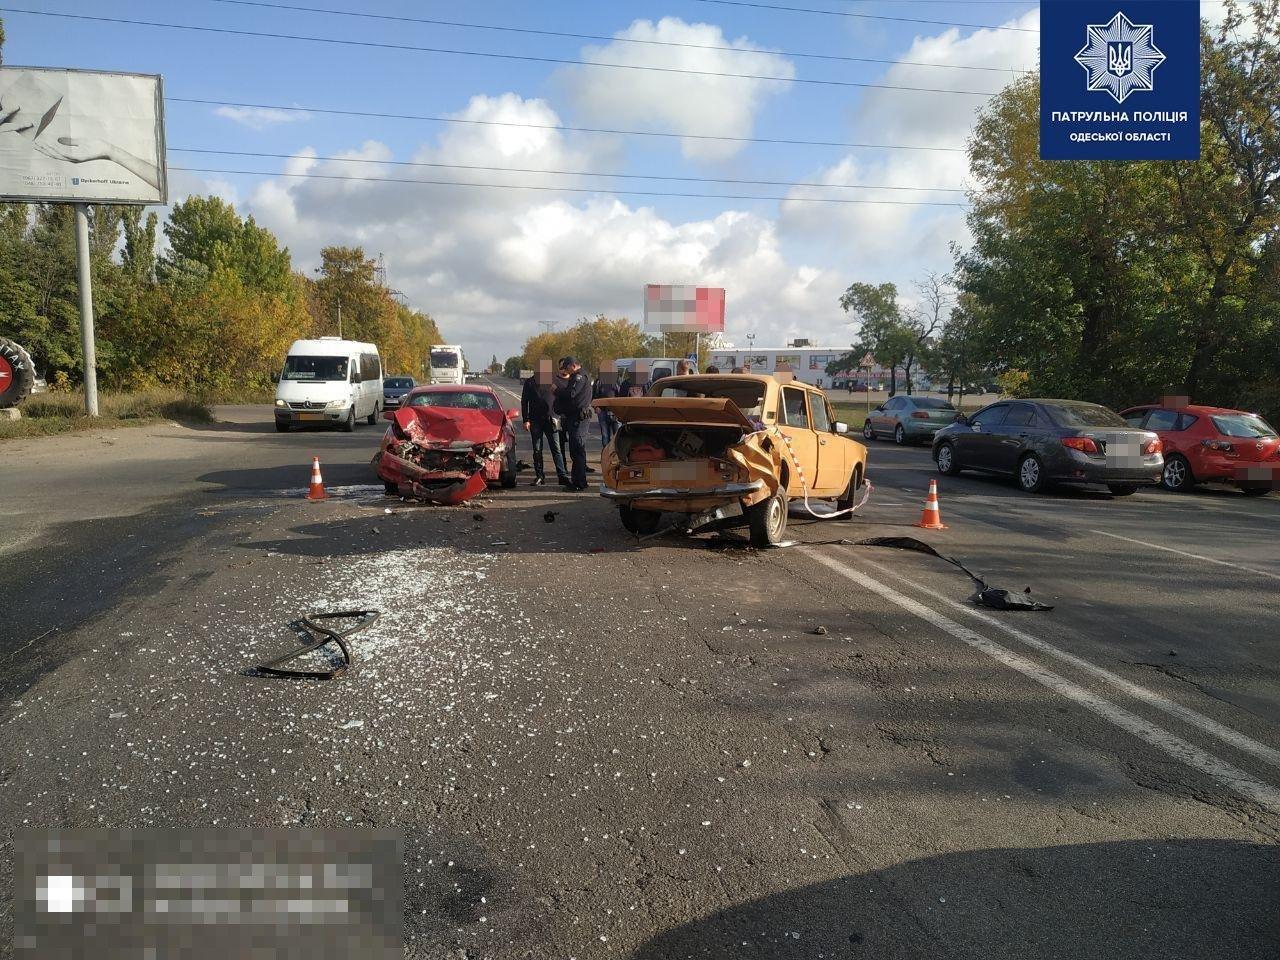 Под Одессой столкнулись Mazda и Жигули, есть пострадавшие, - ФОТО1